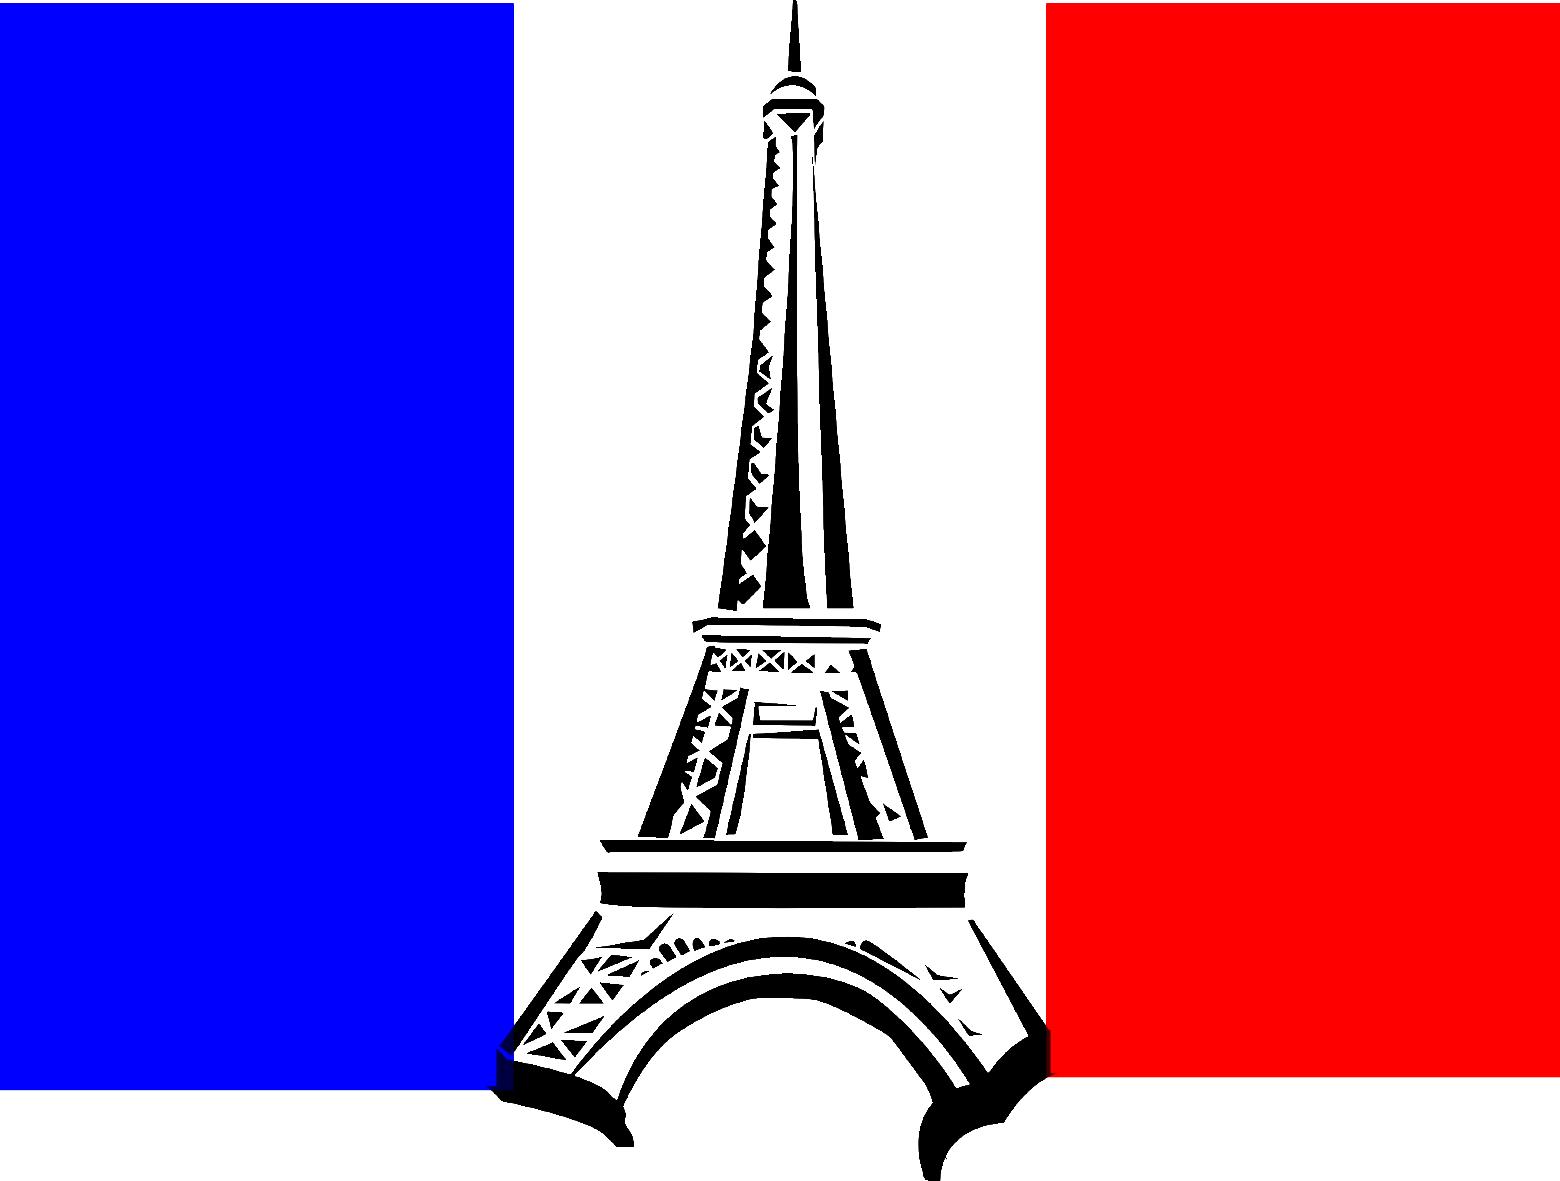 Drapeau france fran ais et la tour eiffel images gratuites - Tour eiffel photos gratuites ...